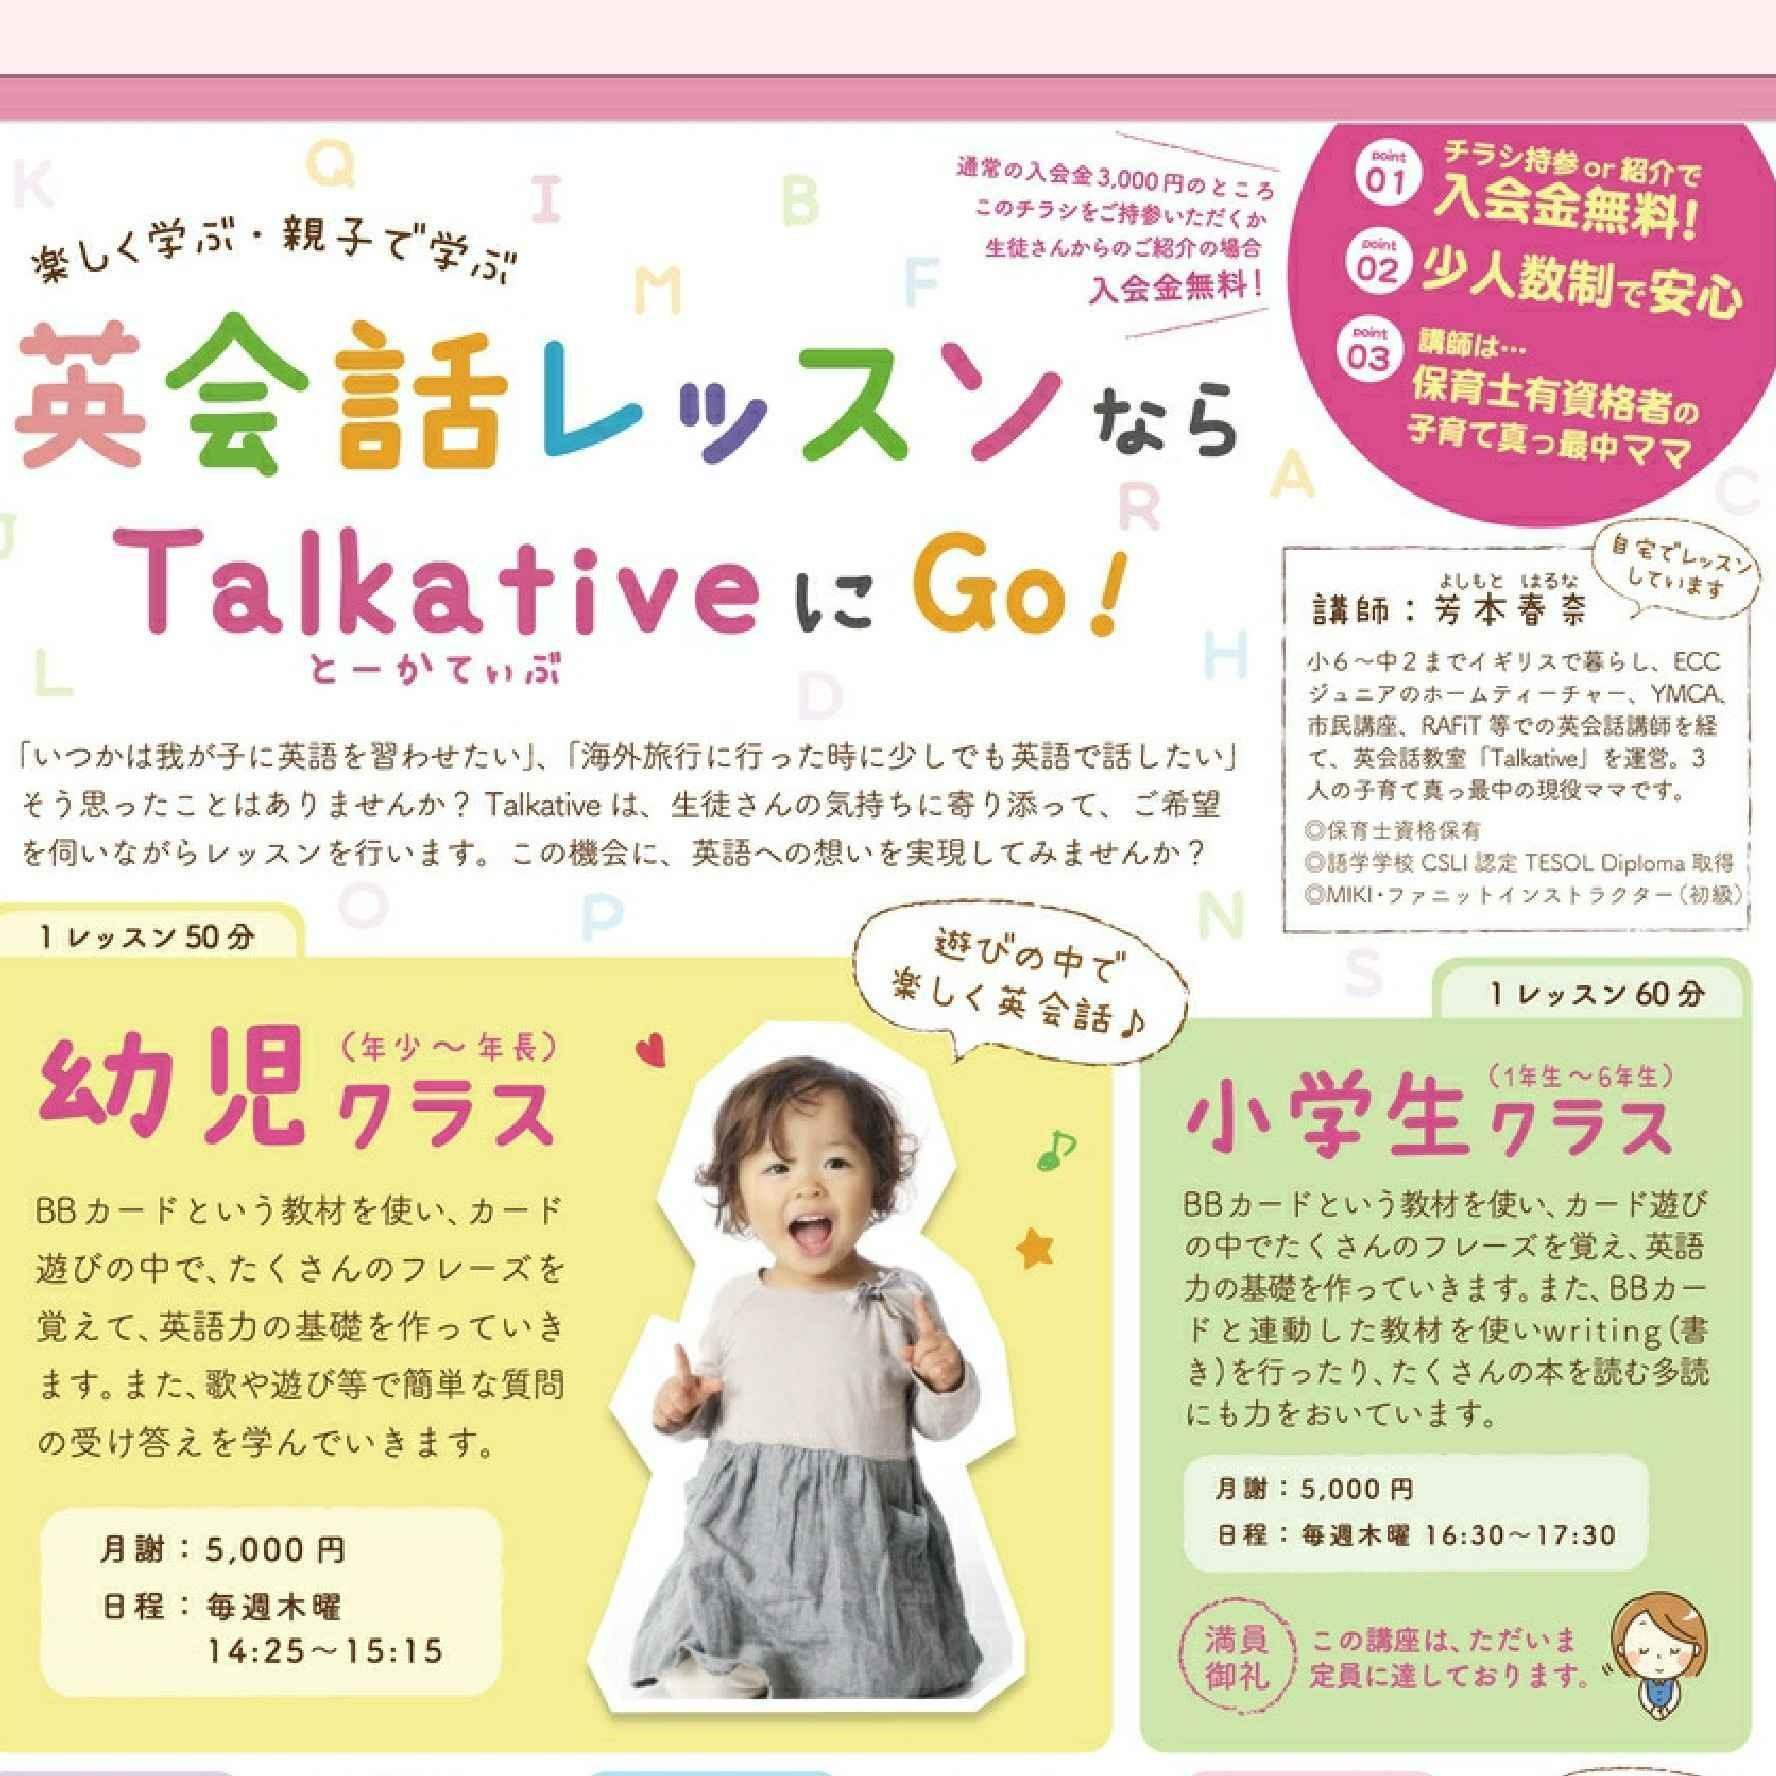 英会話教室talkative(とーかてぃぶ)